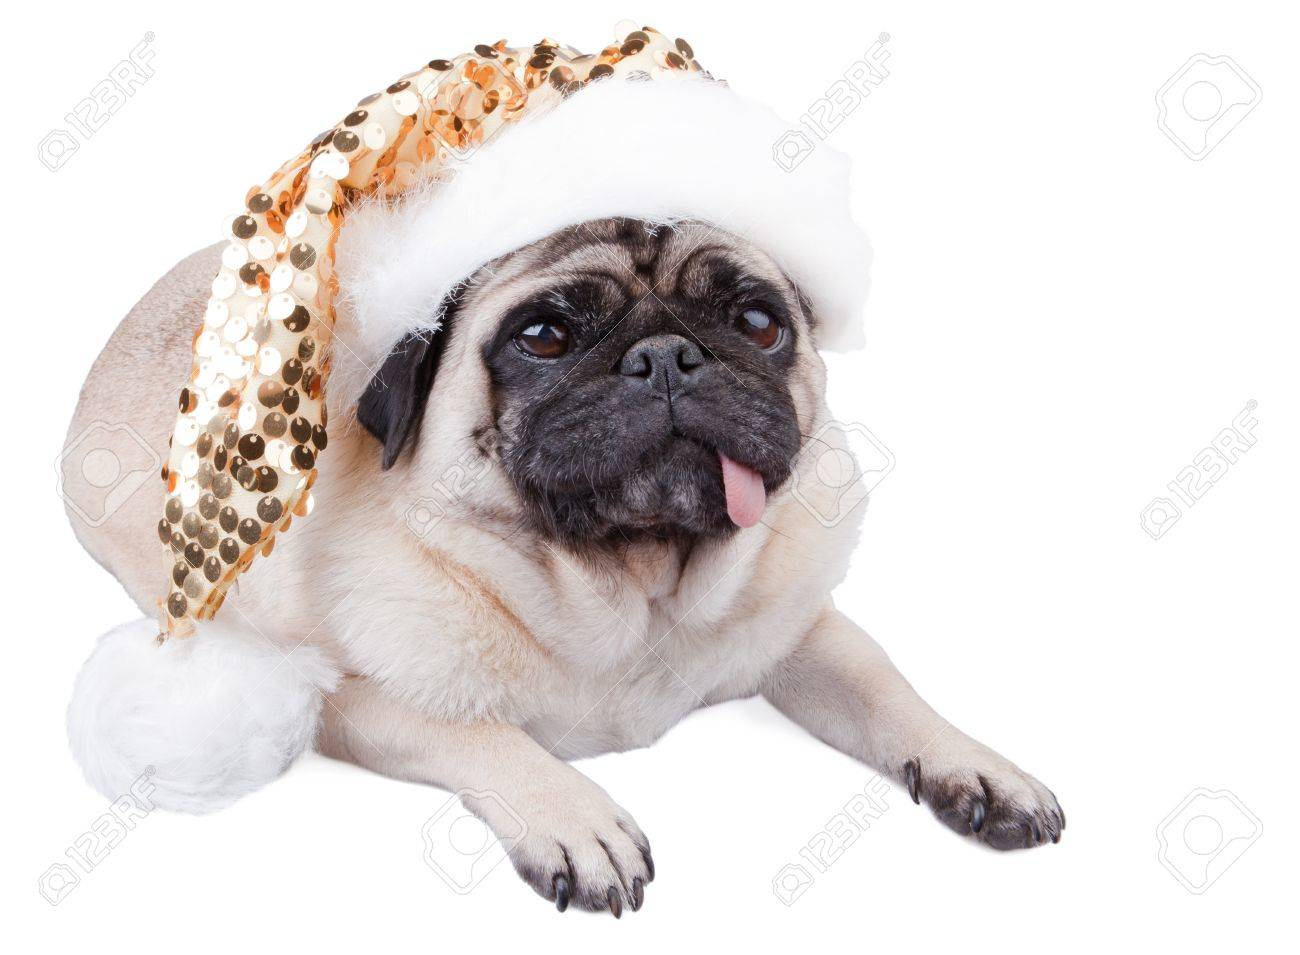 Mops Bilder Weihnachten.Stock Photo